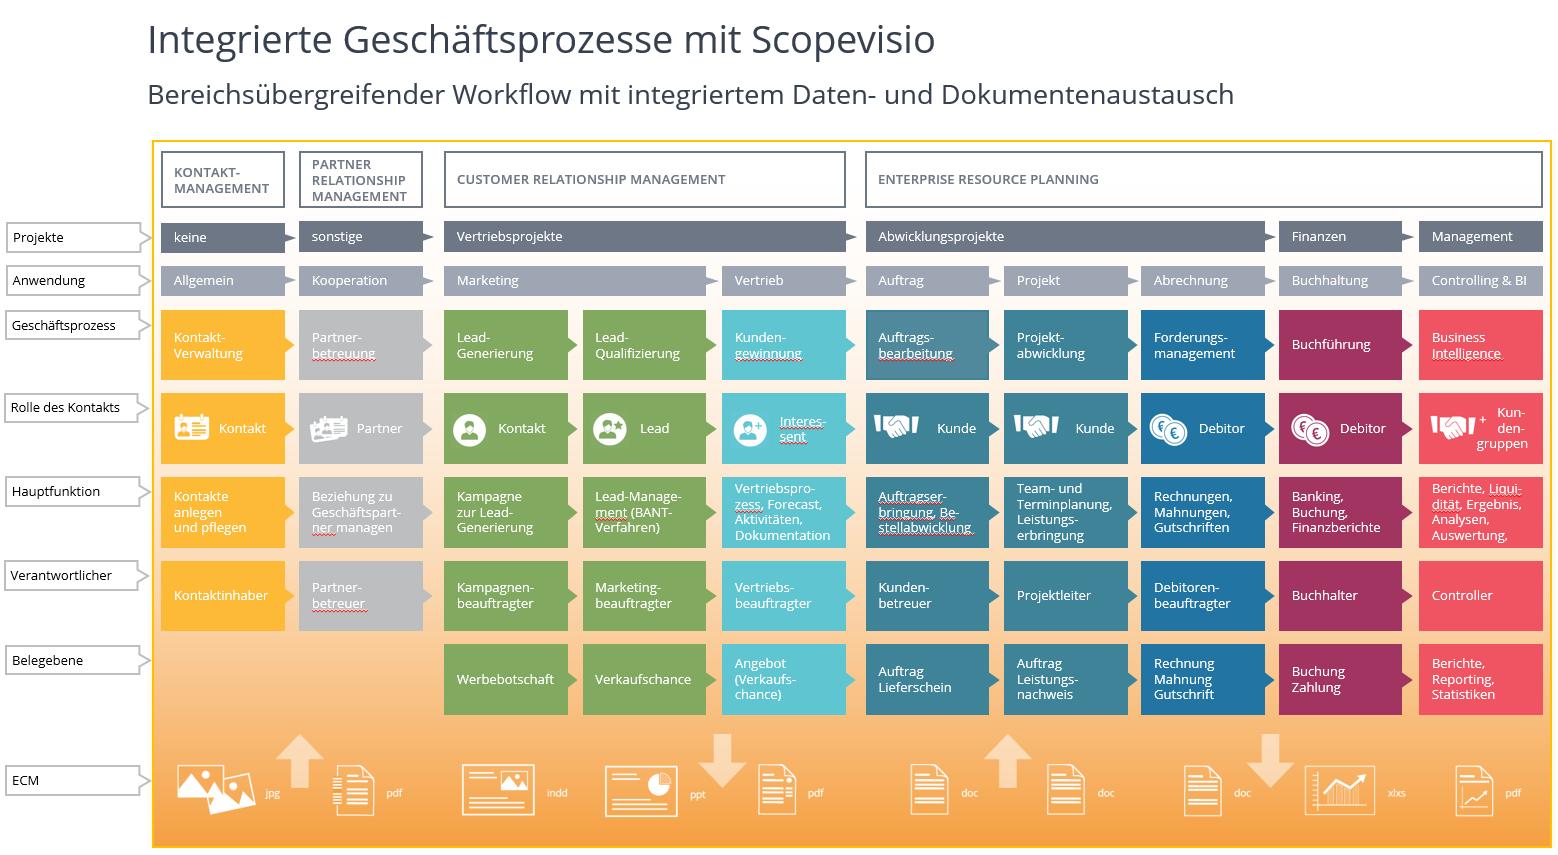 Geschäftsprozesse mit Scopevisio